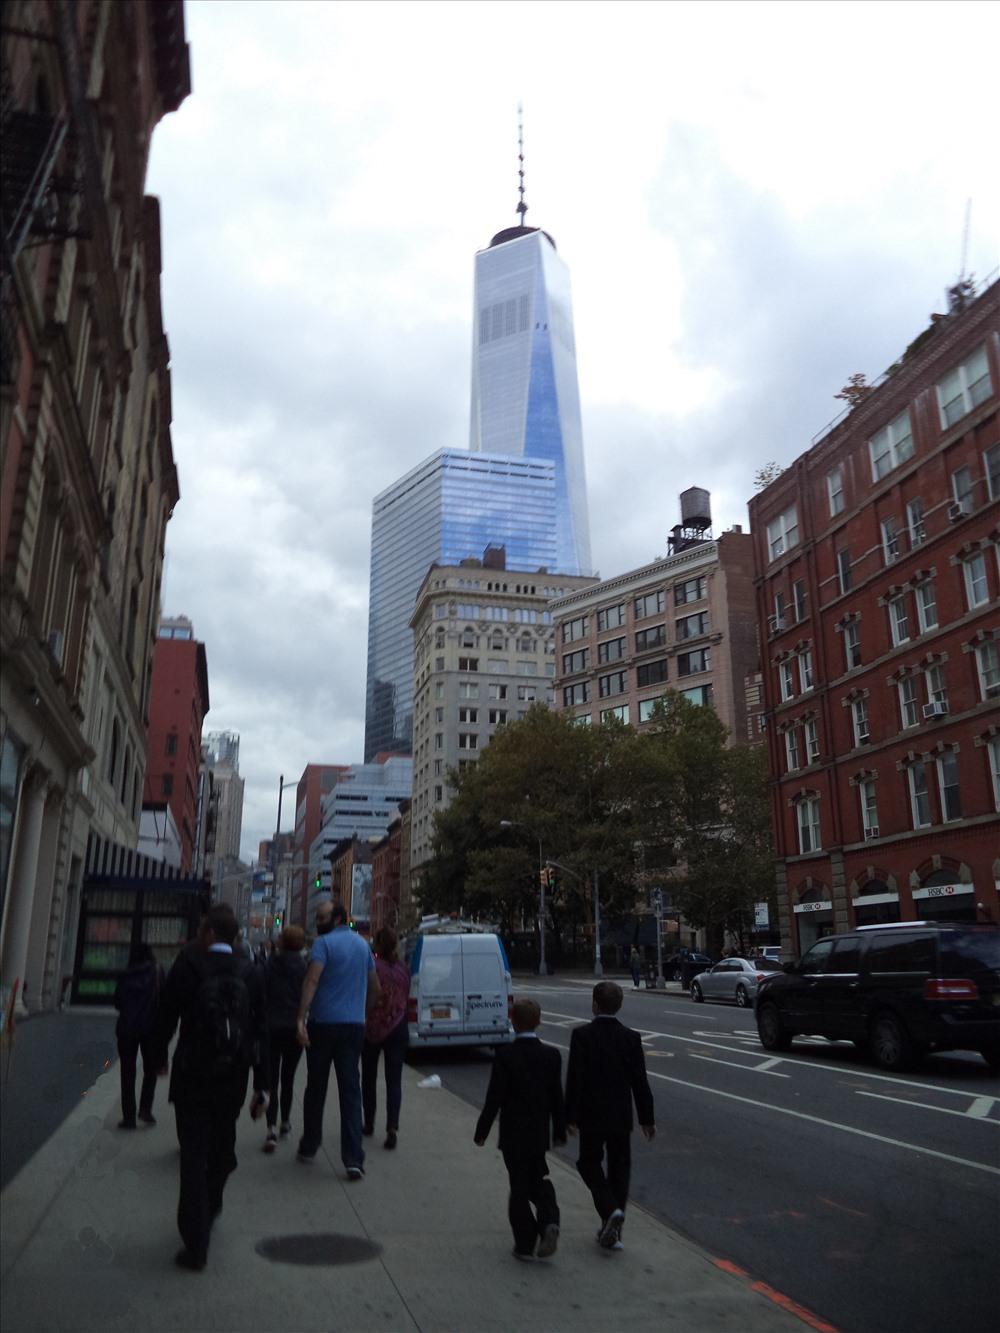 Những tòa nhà chọc trời  có kiến trúc nổi bật  mang nhiều phong thái khác nhau.